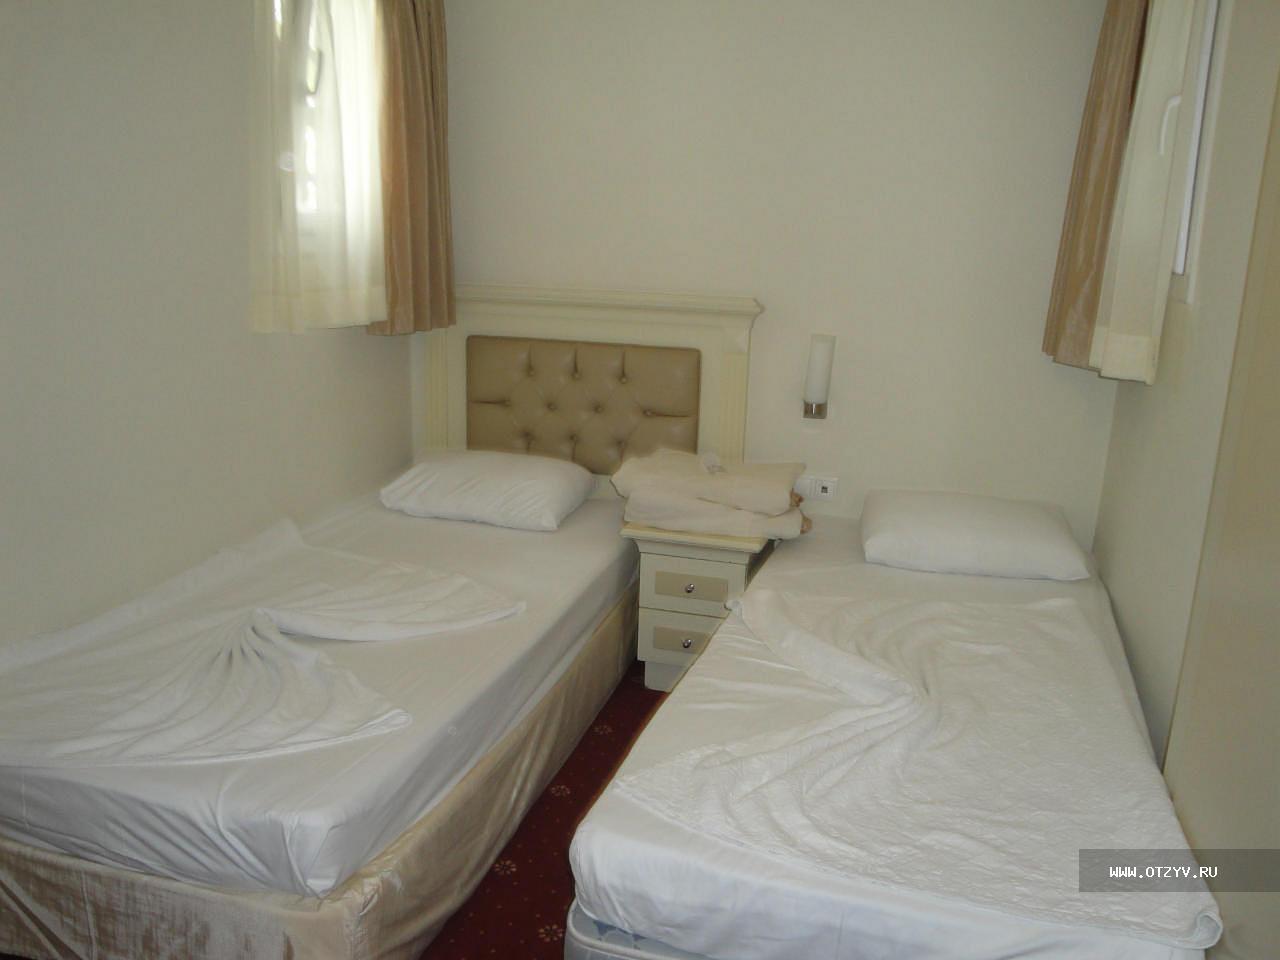 Привязанные к кровати бесплатно 16 фотография